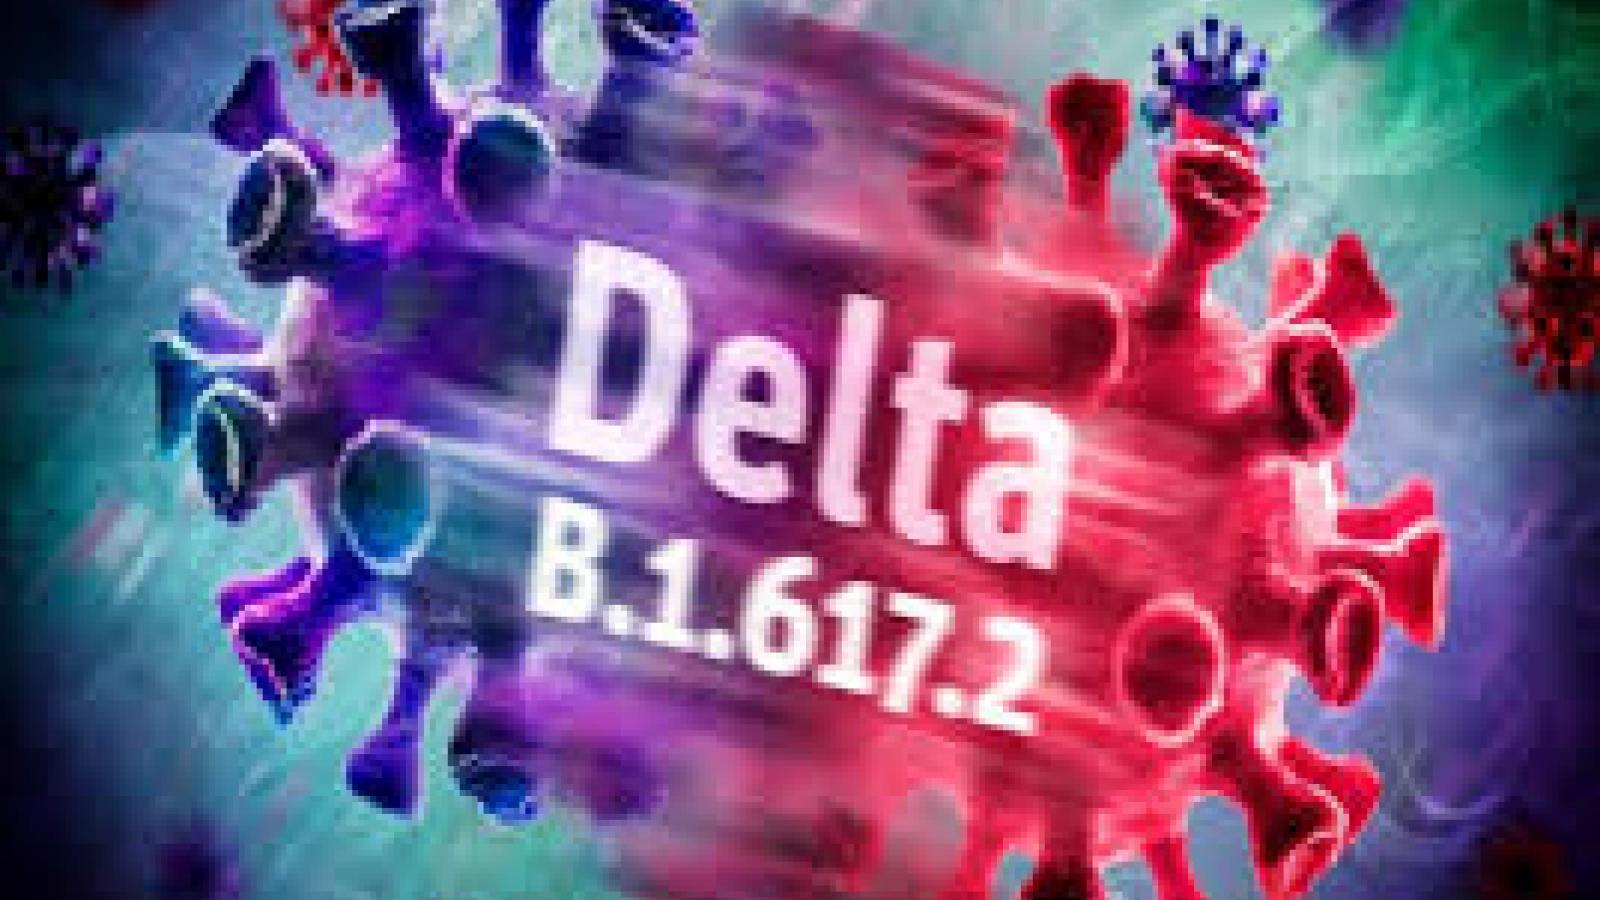 Biến chủng Delta lây lan nhanh tương tự bệnh thủy đậu